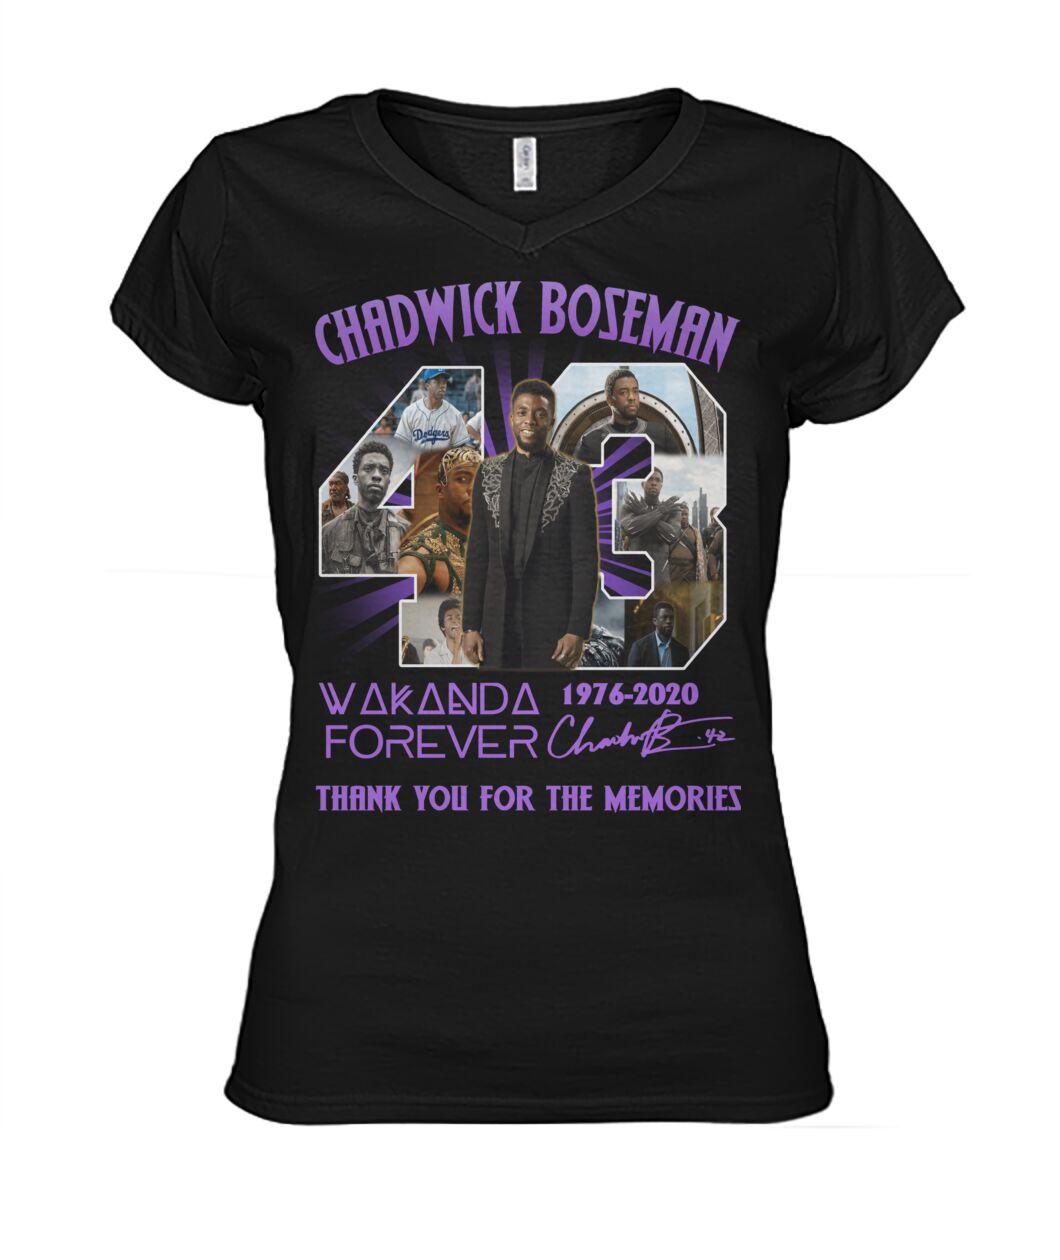 Chadwick Boseman Wakanda Forever Memories Women V-neck